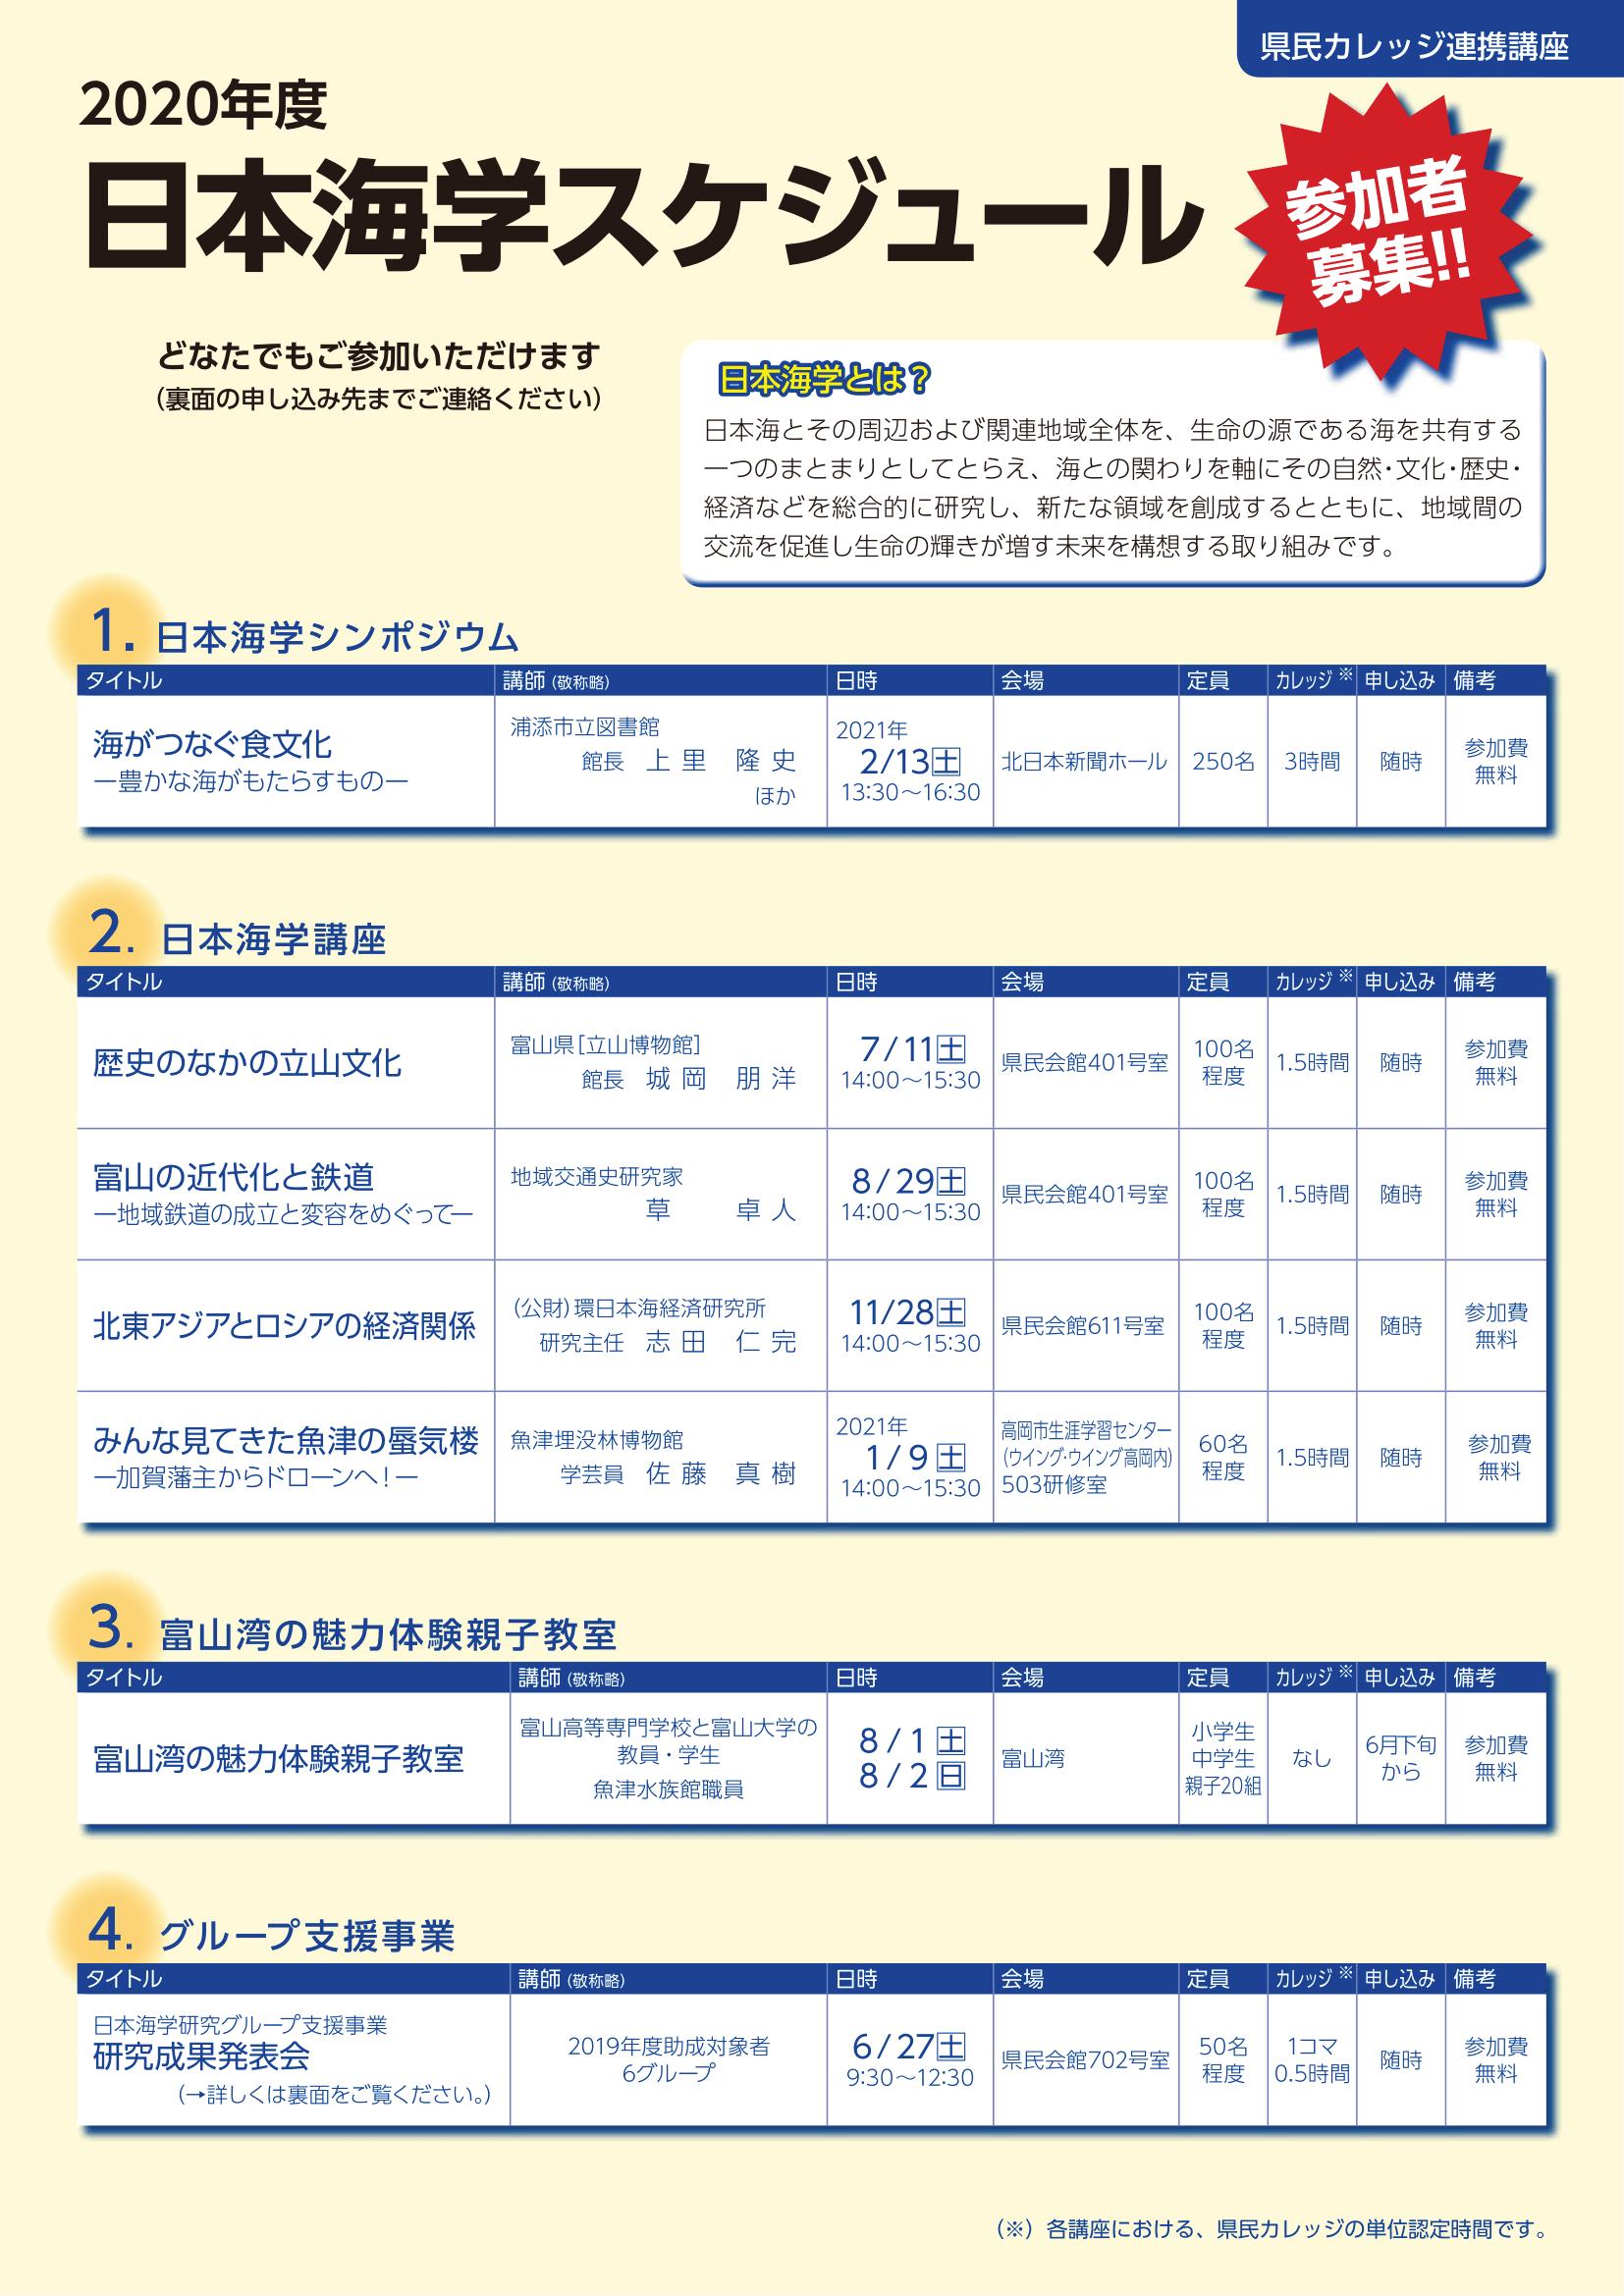 2020年度日本海学スケジュール